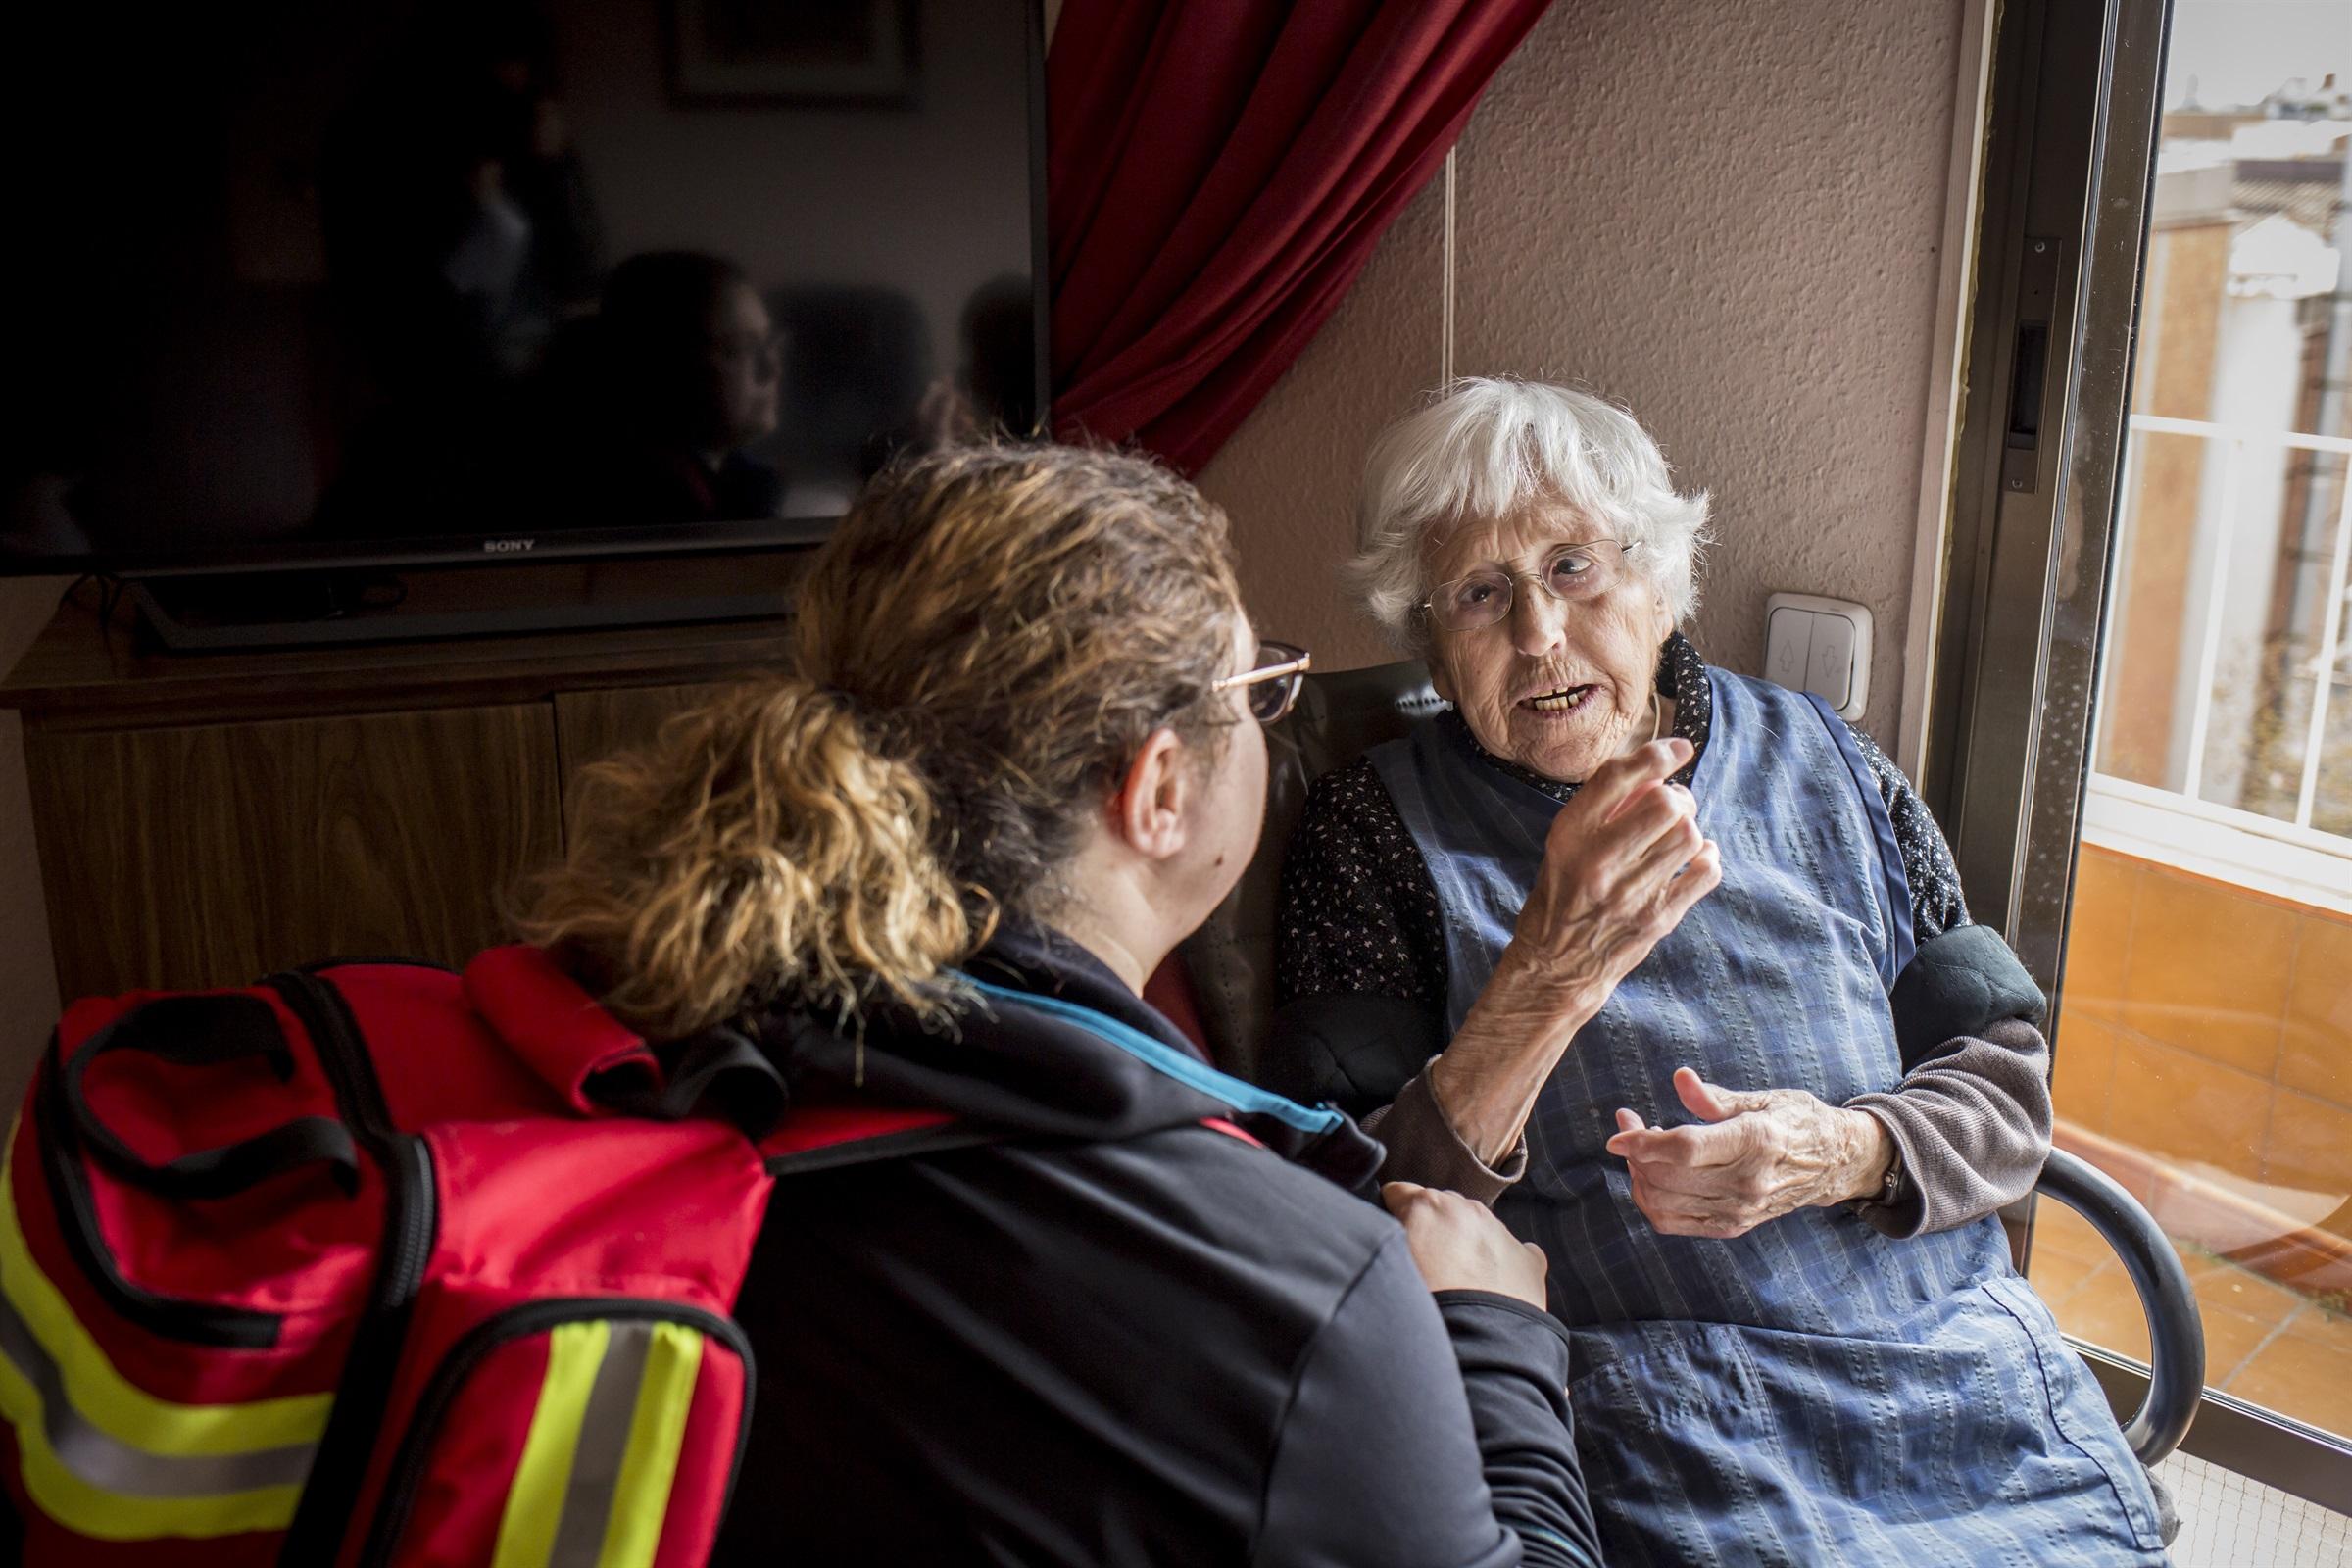 Infermeres de família i comunitària de l'Atenció Primària donen consells de salut per a les persones confinades a casa per l'estat d'alarma